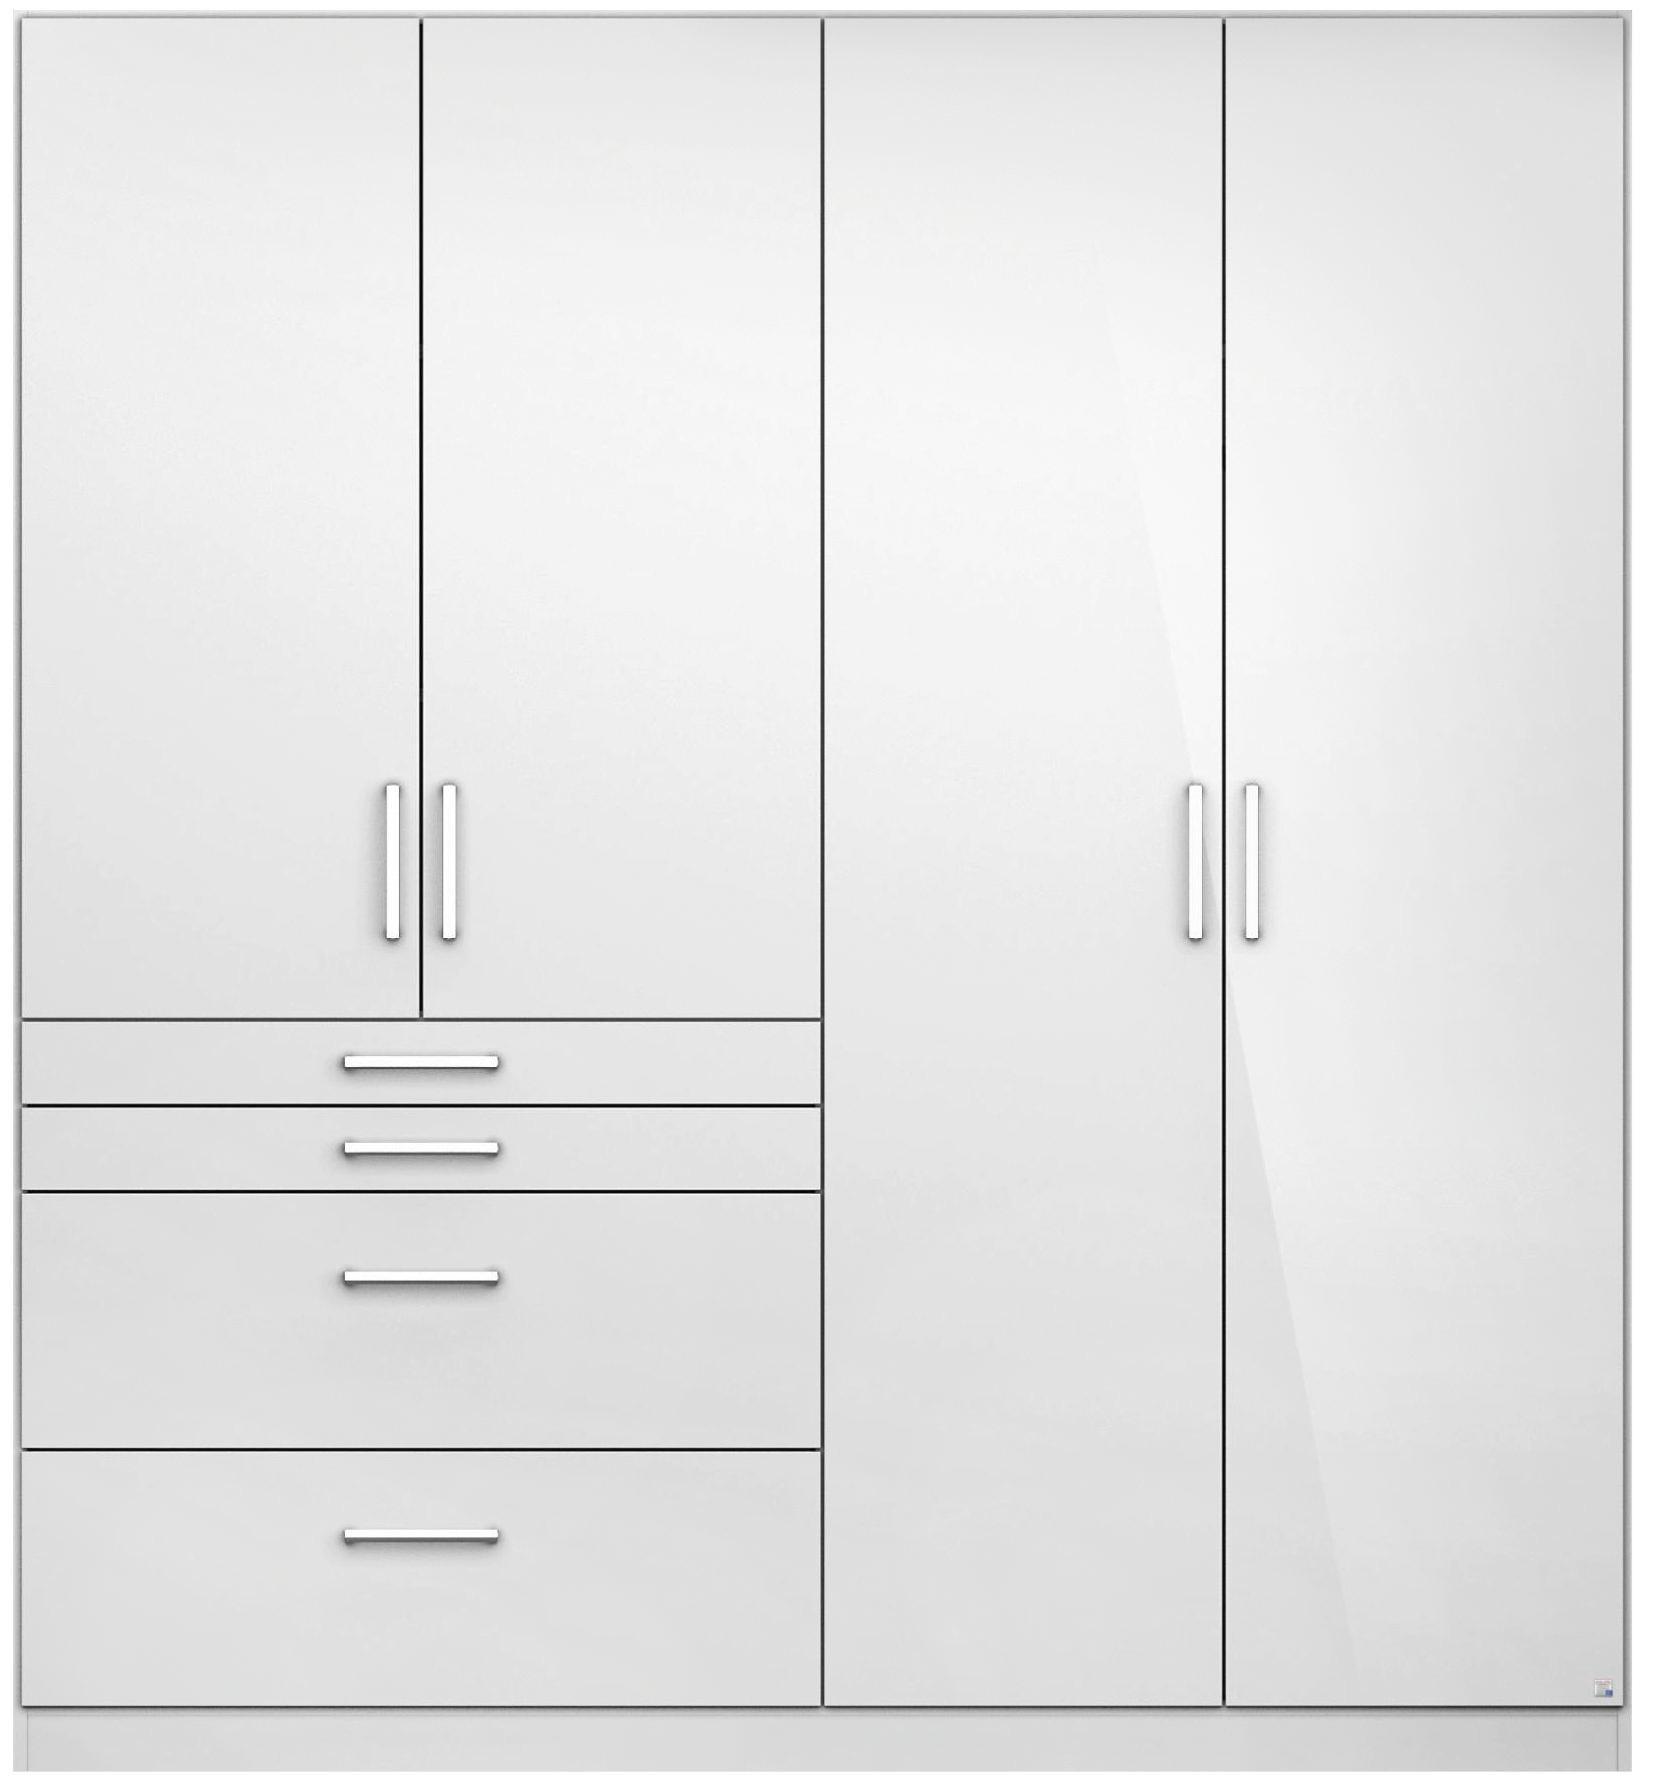 Drehtürenschrank in Weiß Hochglanz mit 4 Türen - Alufarben/Weiß, MODERN, Holzwerkstoff/Kunststoff (181/197/54cm) - MODERN LIVING